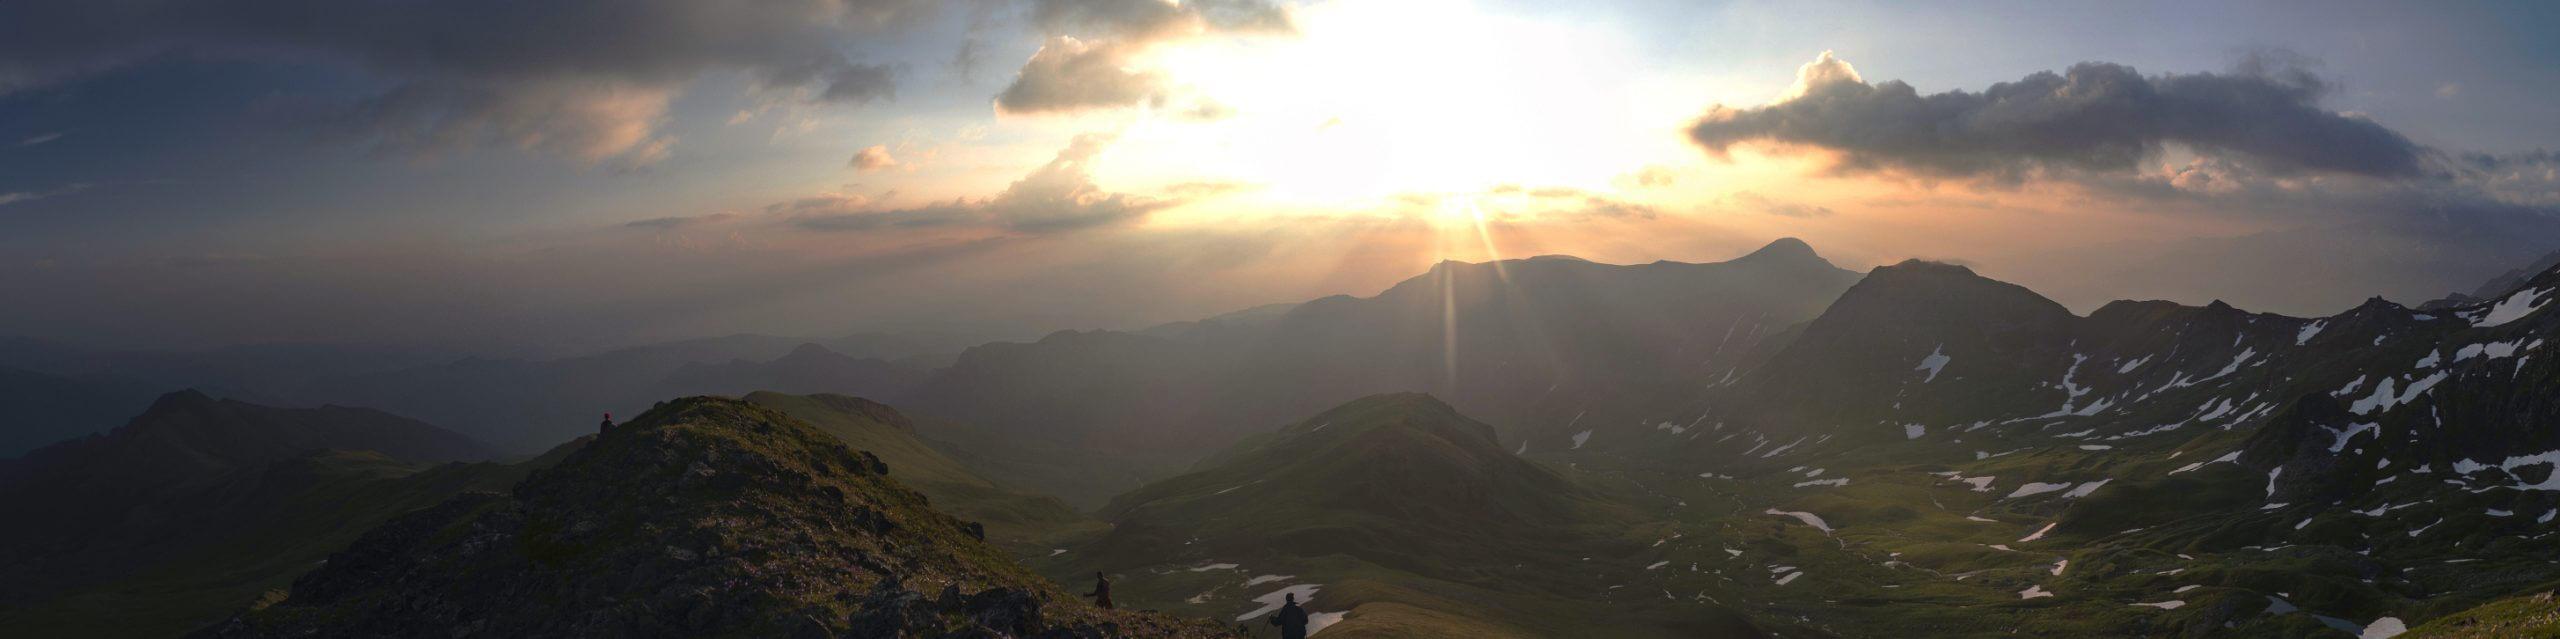 Гора Маркопидж, хребты Белая скала, Дженту и Магишо